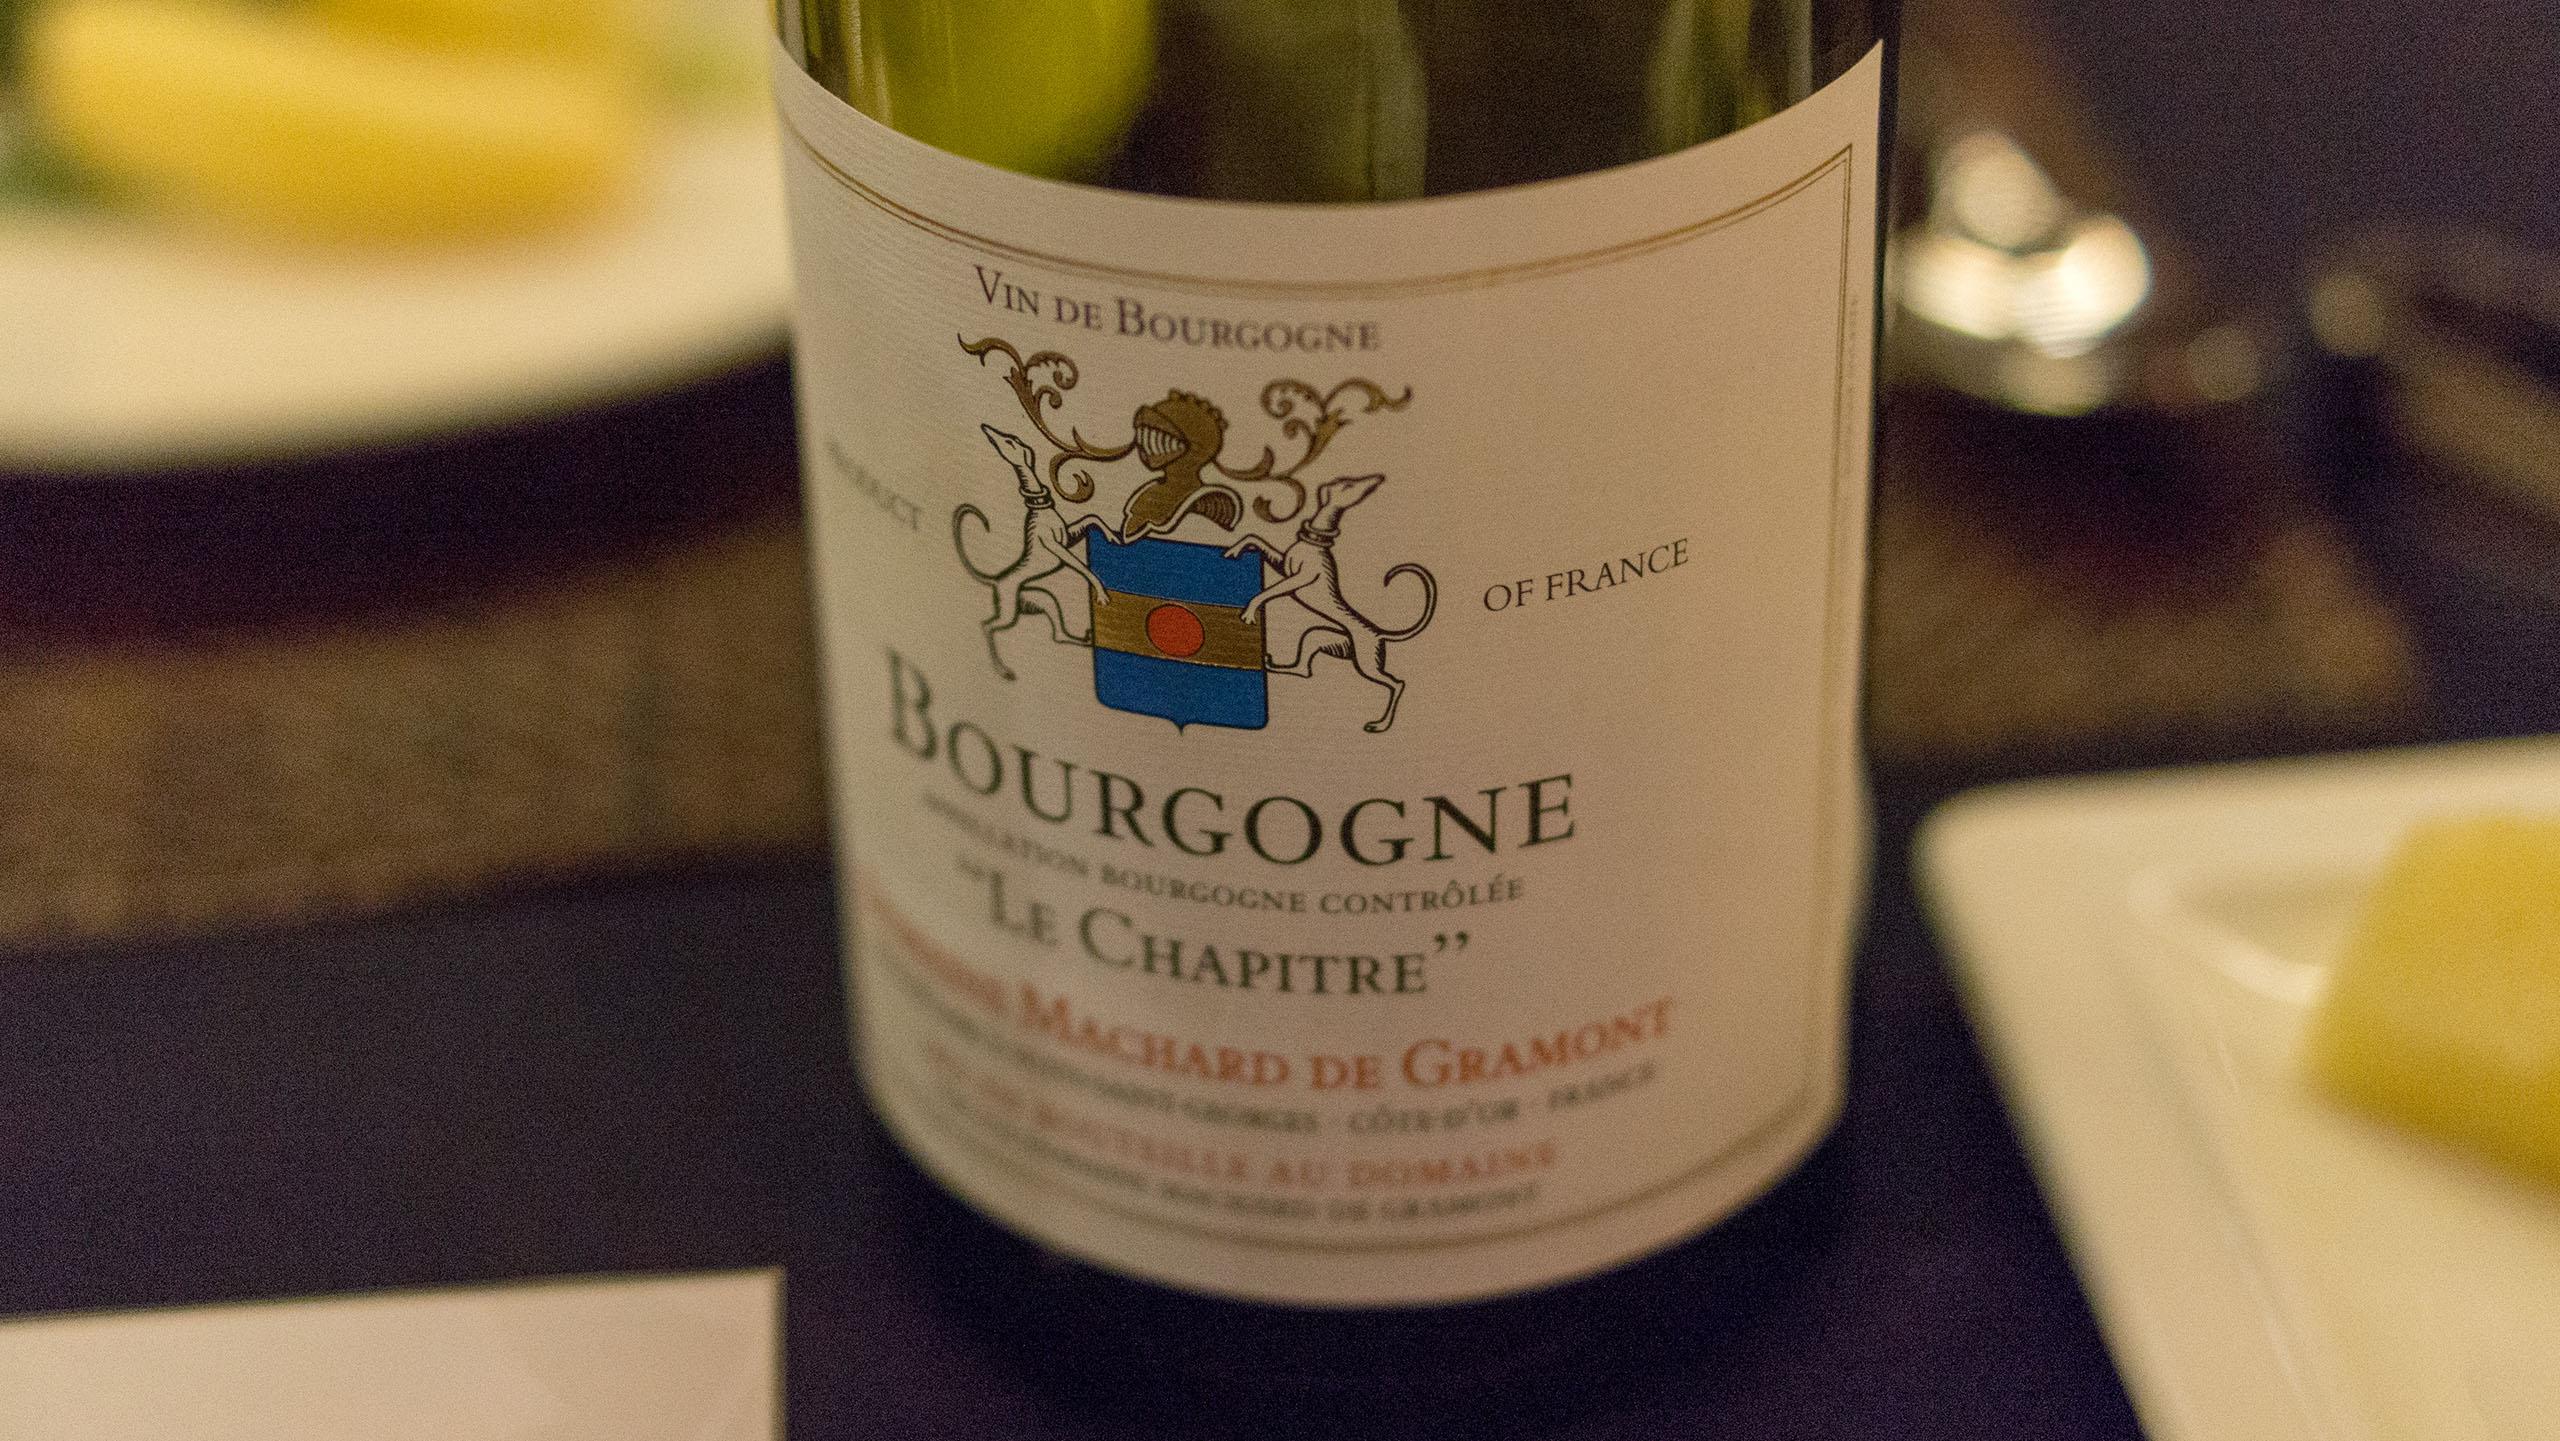 Domaine Machard De Gramont, Bourgogne 'La Chapitre' 2006